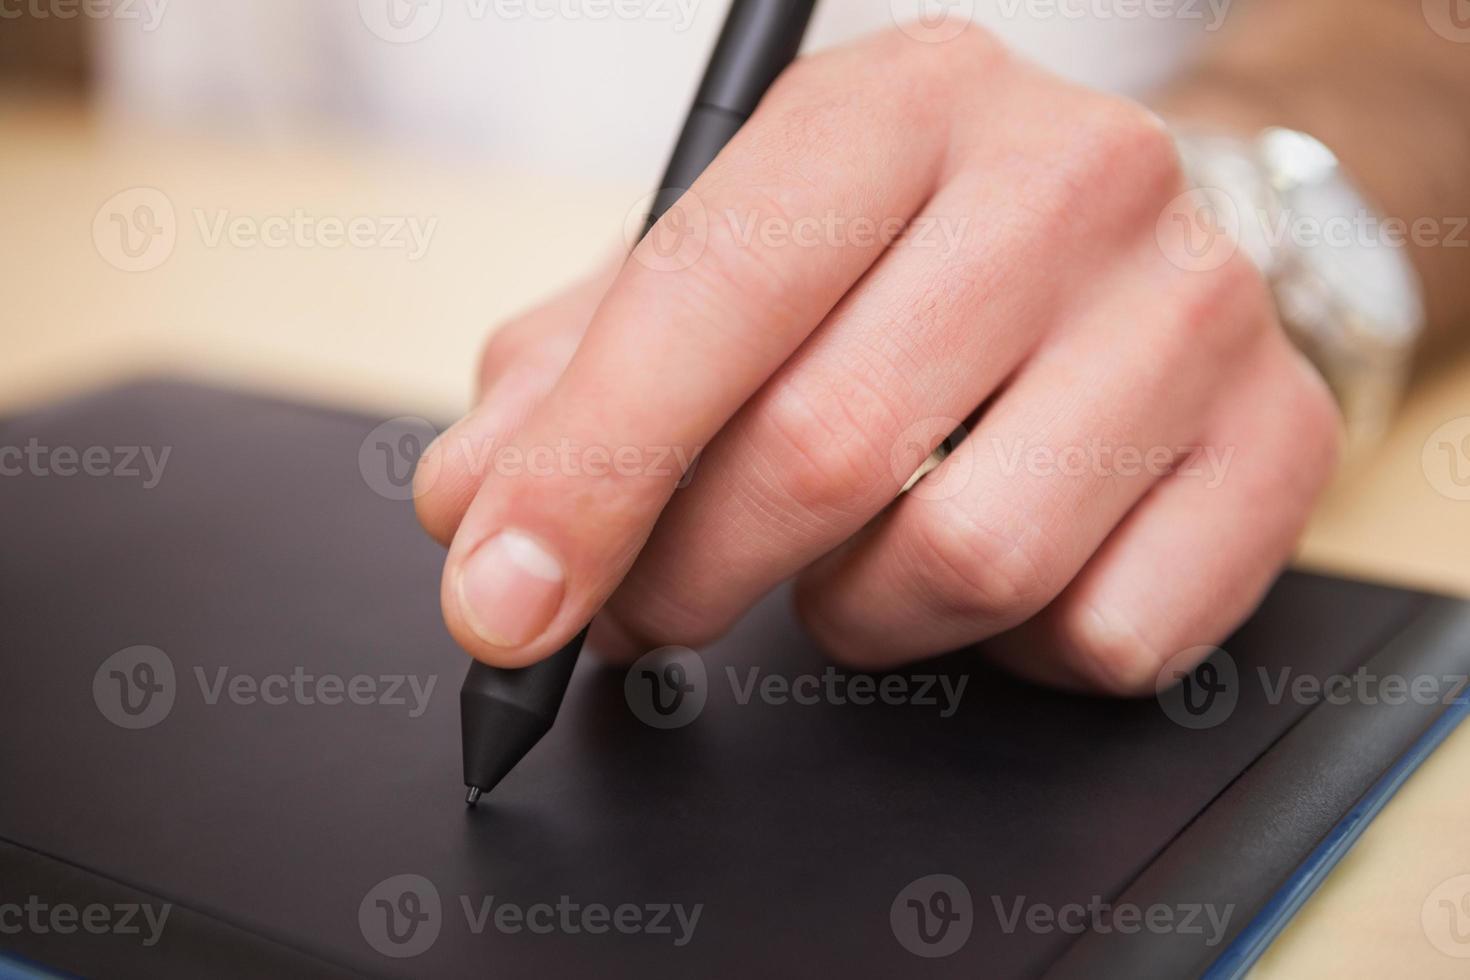 masculino mão desenhando na mesa digitalizadora foto